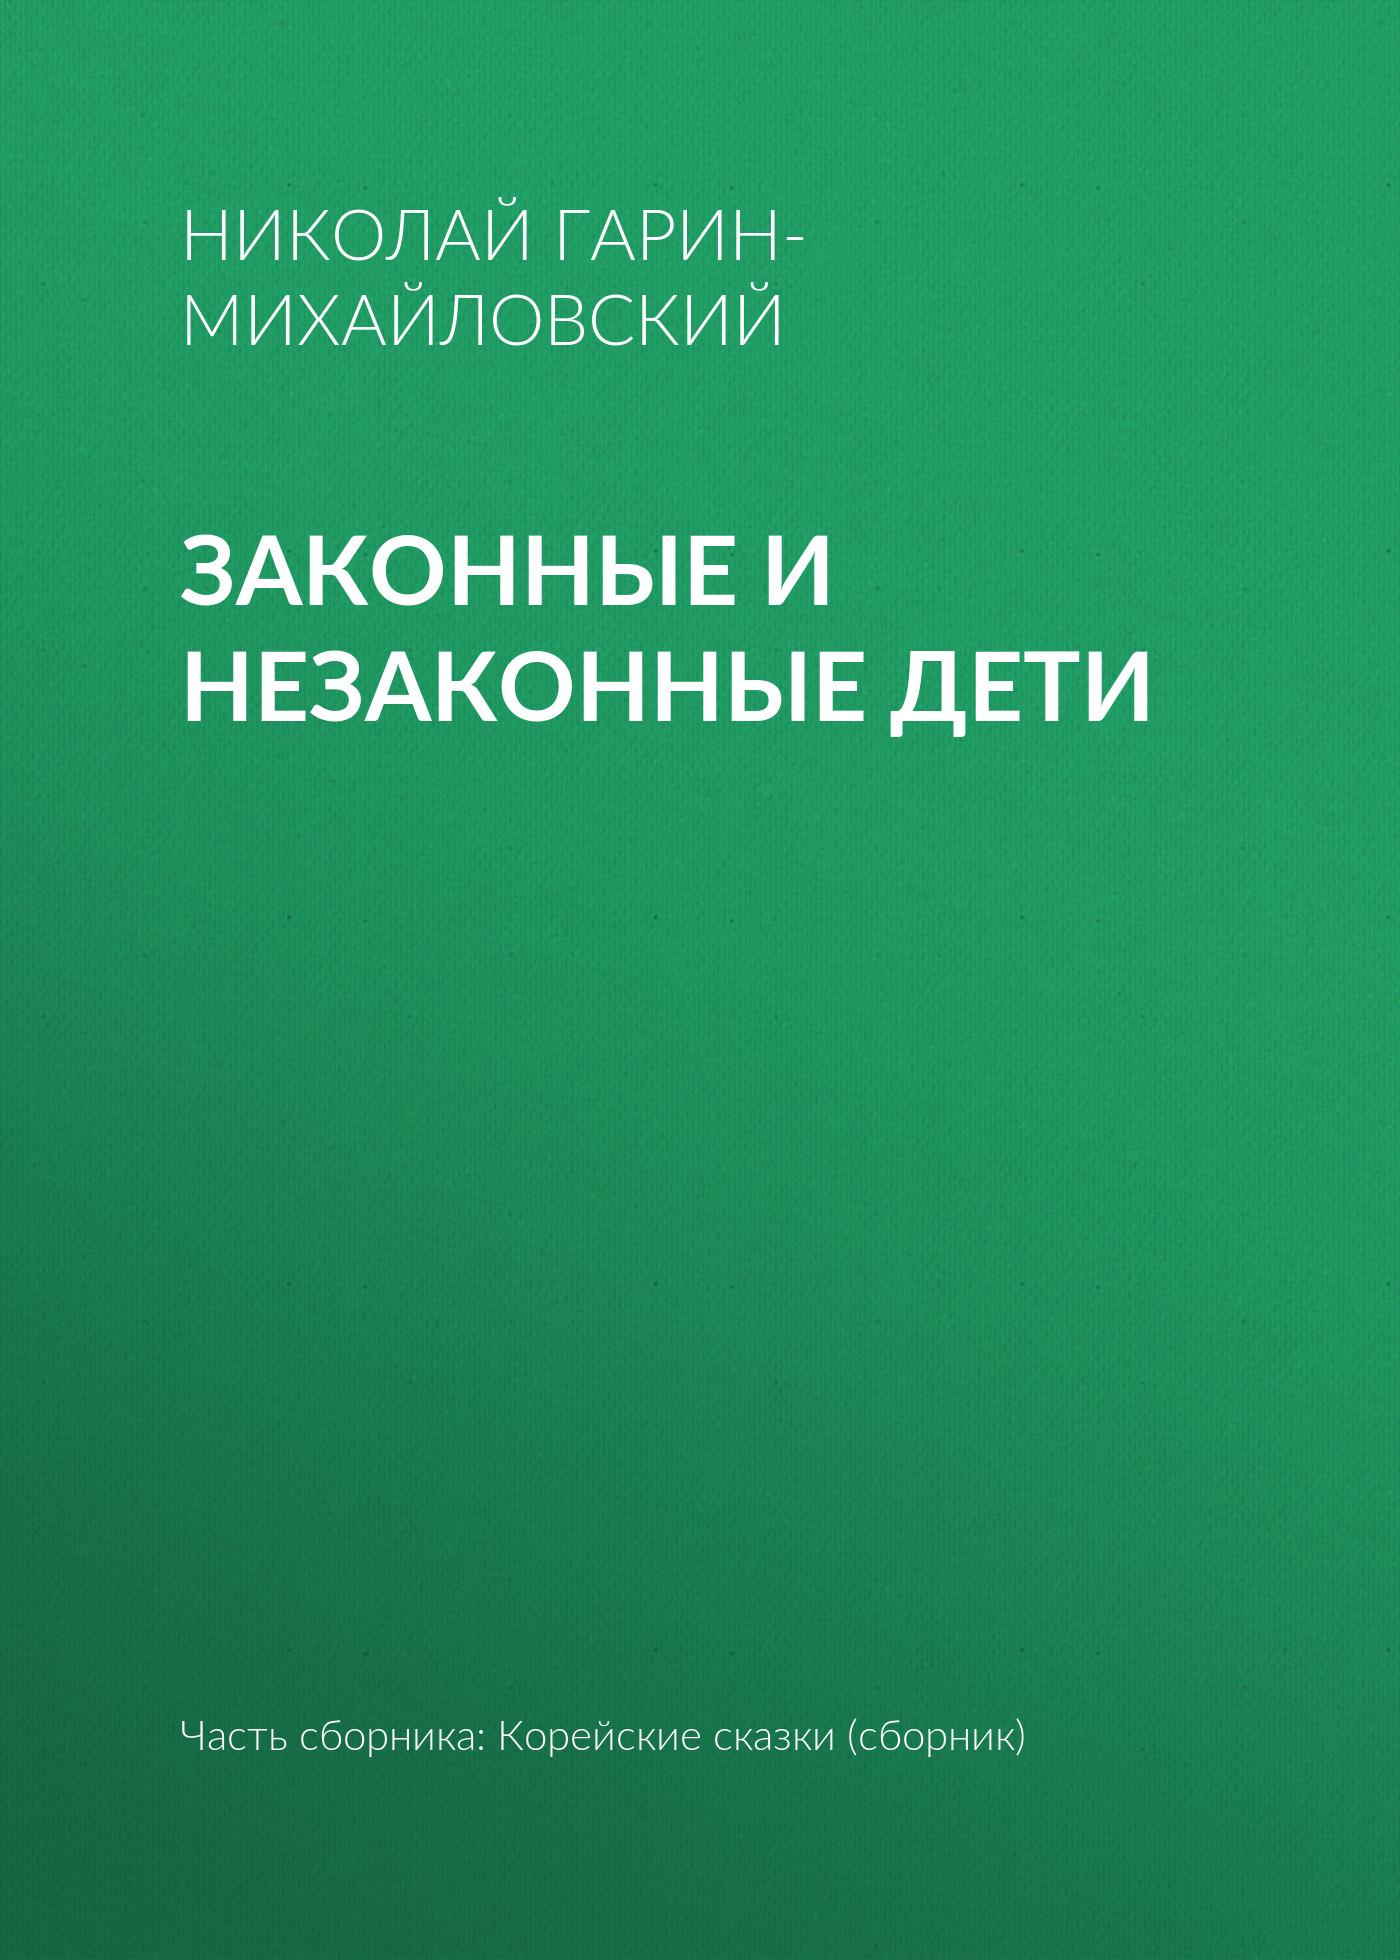 Николай Гарин-Михайловский Законные и незаконные дети николай гарин михайловский как появились мыши и с каких пор перестали убивать стариков